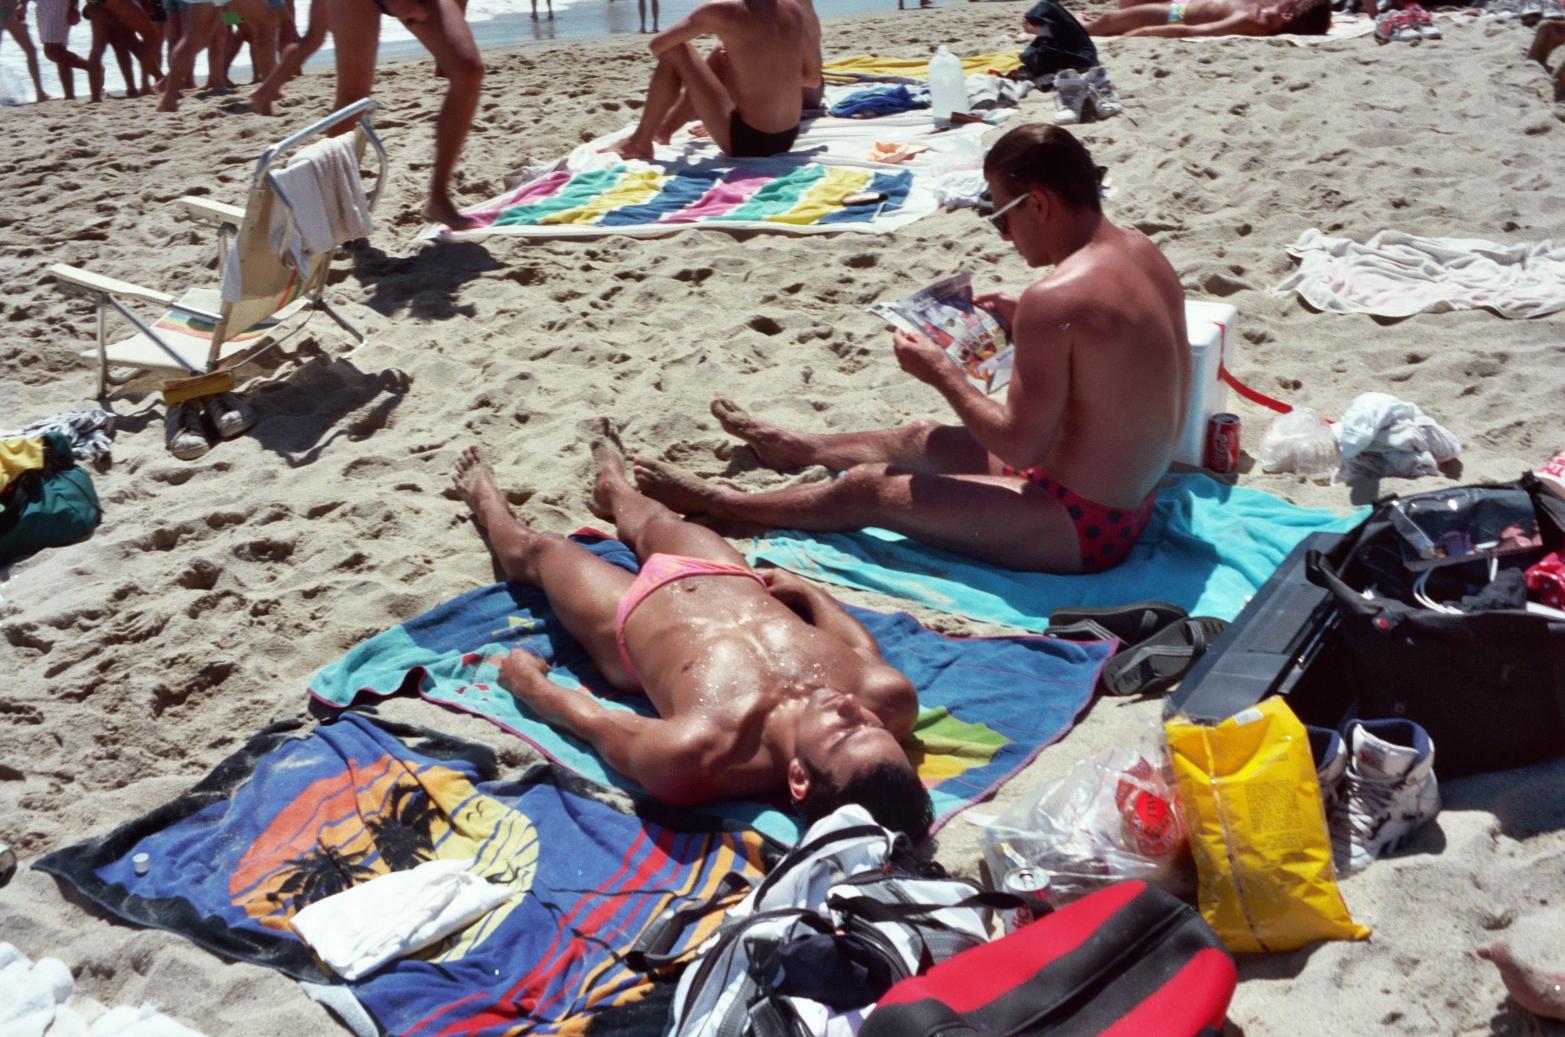 laguna-beach_3555336006_o